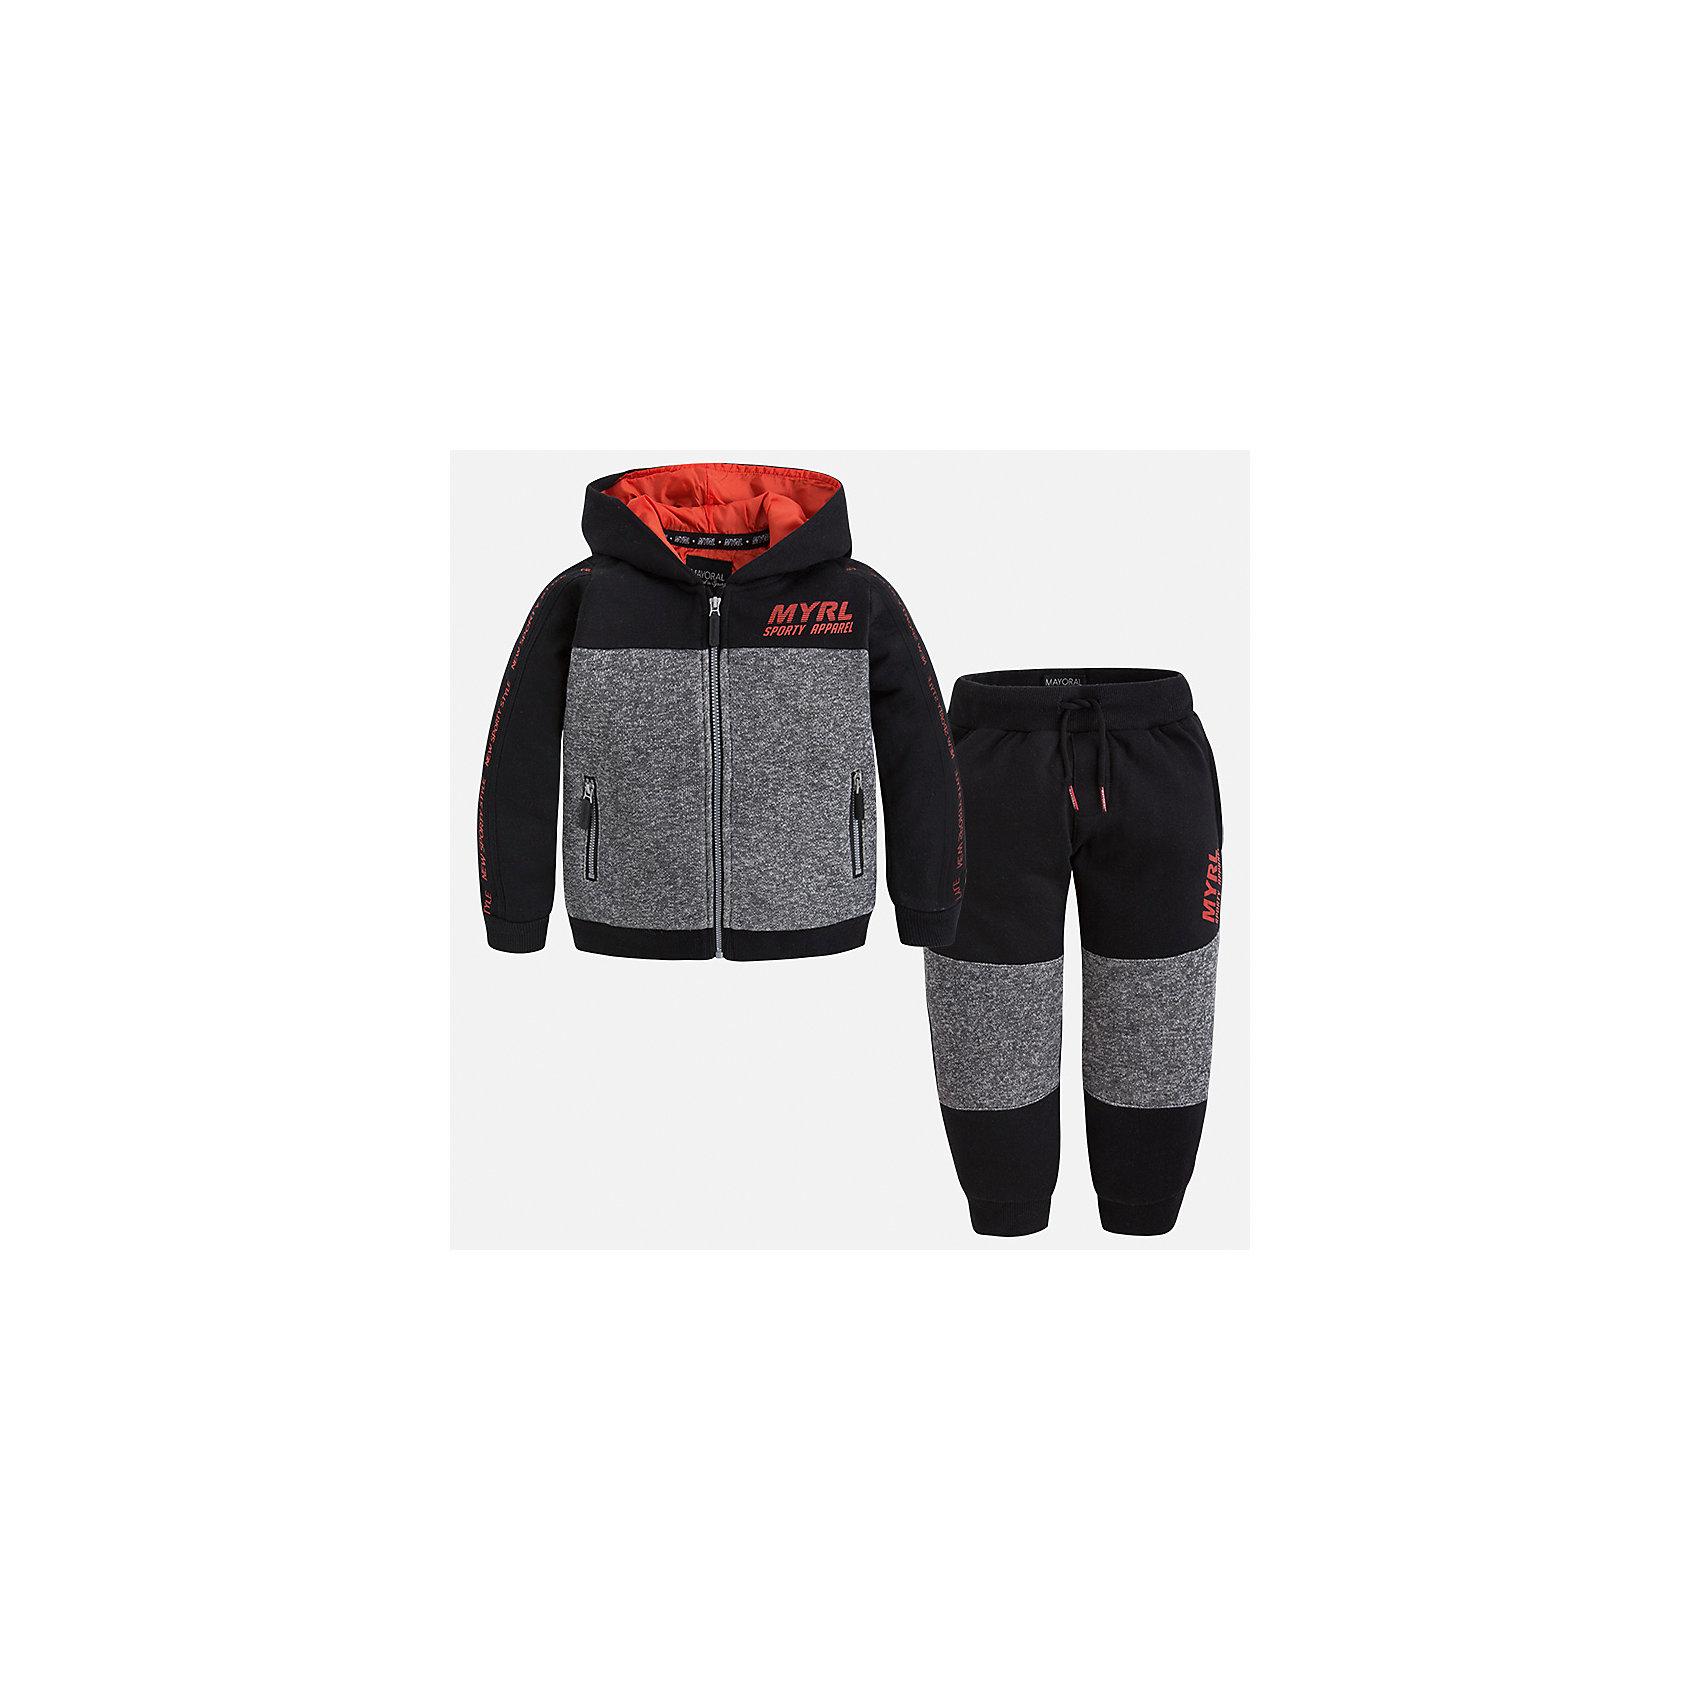 Спортивный костюм для мальчика MayoralКомплекты<br>Характеристики товара:<br><br>• цвет: красный/черный/серый<br>• состав ткани: 60% хлопок, 40% полиэстер<br>• комплектация: куртка, брюки<br>• сезон: демисезон<br>• особенности модели: спортивный стиль<br>• застежка: молния<br>• длинные рукава<br>• пояс брюк: резинка, шнурок<br>• страна бренда: Испания<br>• страна изготовитель: Индия<br><br>Стильный детский комплект из спортивной курточки и брюк подойдет для занятий спортом. Отличный способ обеспечить ребенку тепло и комфорт - надеть детский спортивный костюм от Mayoral. Детский спортивный костюм сшит из приятного на ощупь материала. Спортивный костюм для мальчика Mayoral удобно сидит по фигуре.<br><br>Спортивный костюм для мальчика Mayoral (Майорал) можно купить в нашем интернет-магазине.<br><br>Ширина мм: 247<br>Глубина мм: 16<br>Высота мм: 140<br>Вес г: 225<br>Цвет: черный<br>Возраст от месяцев: 36<br>Возраст до месяцев: 48<br>Пол: Мужской<br>Возраст: Детский<br>Размер: 104,110,116,122,128,134,92,98<br>SKU: 6933133